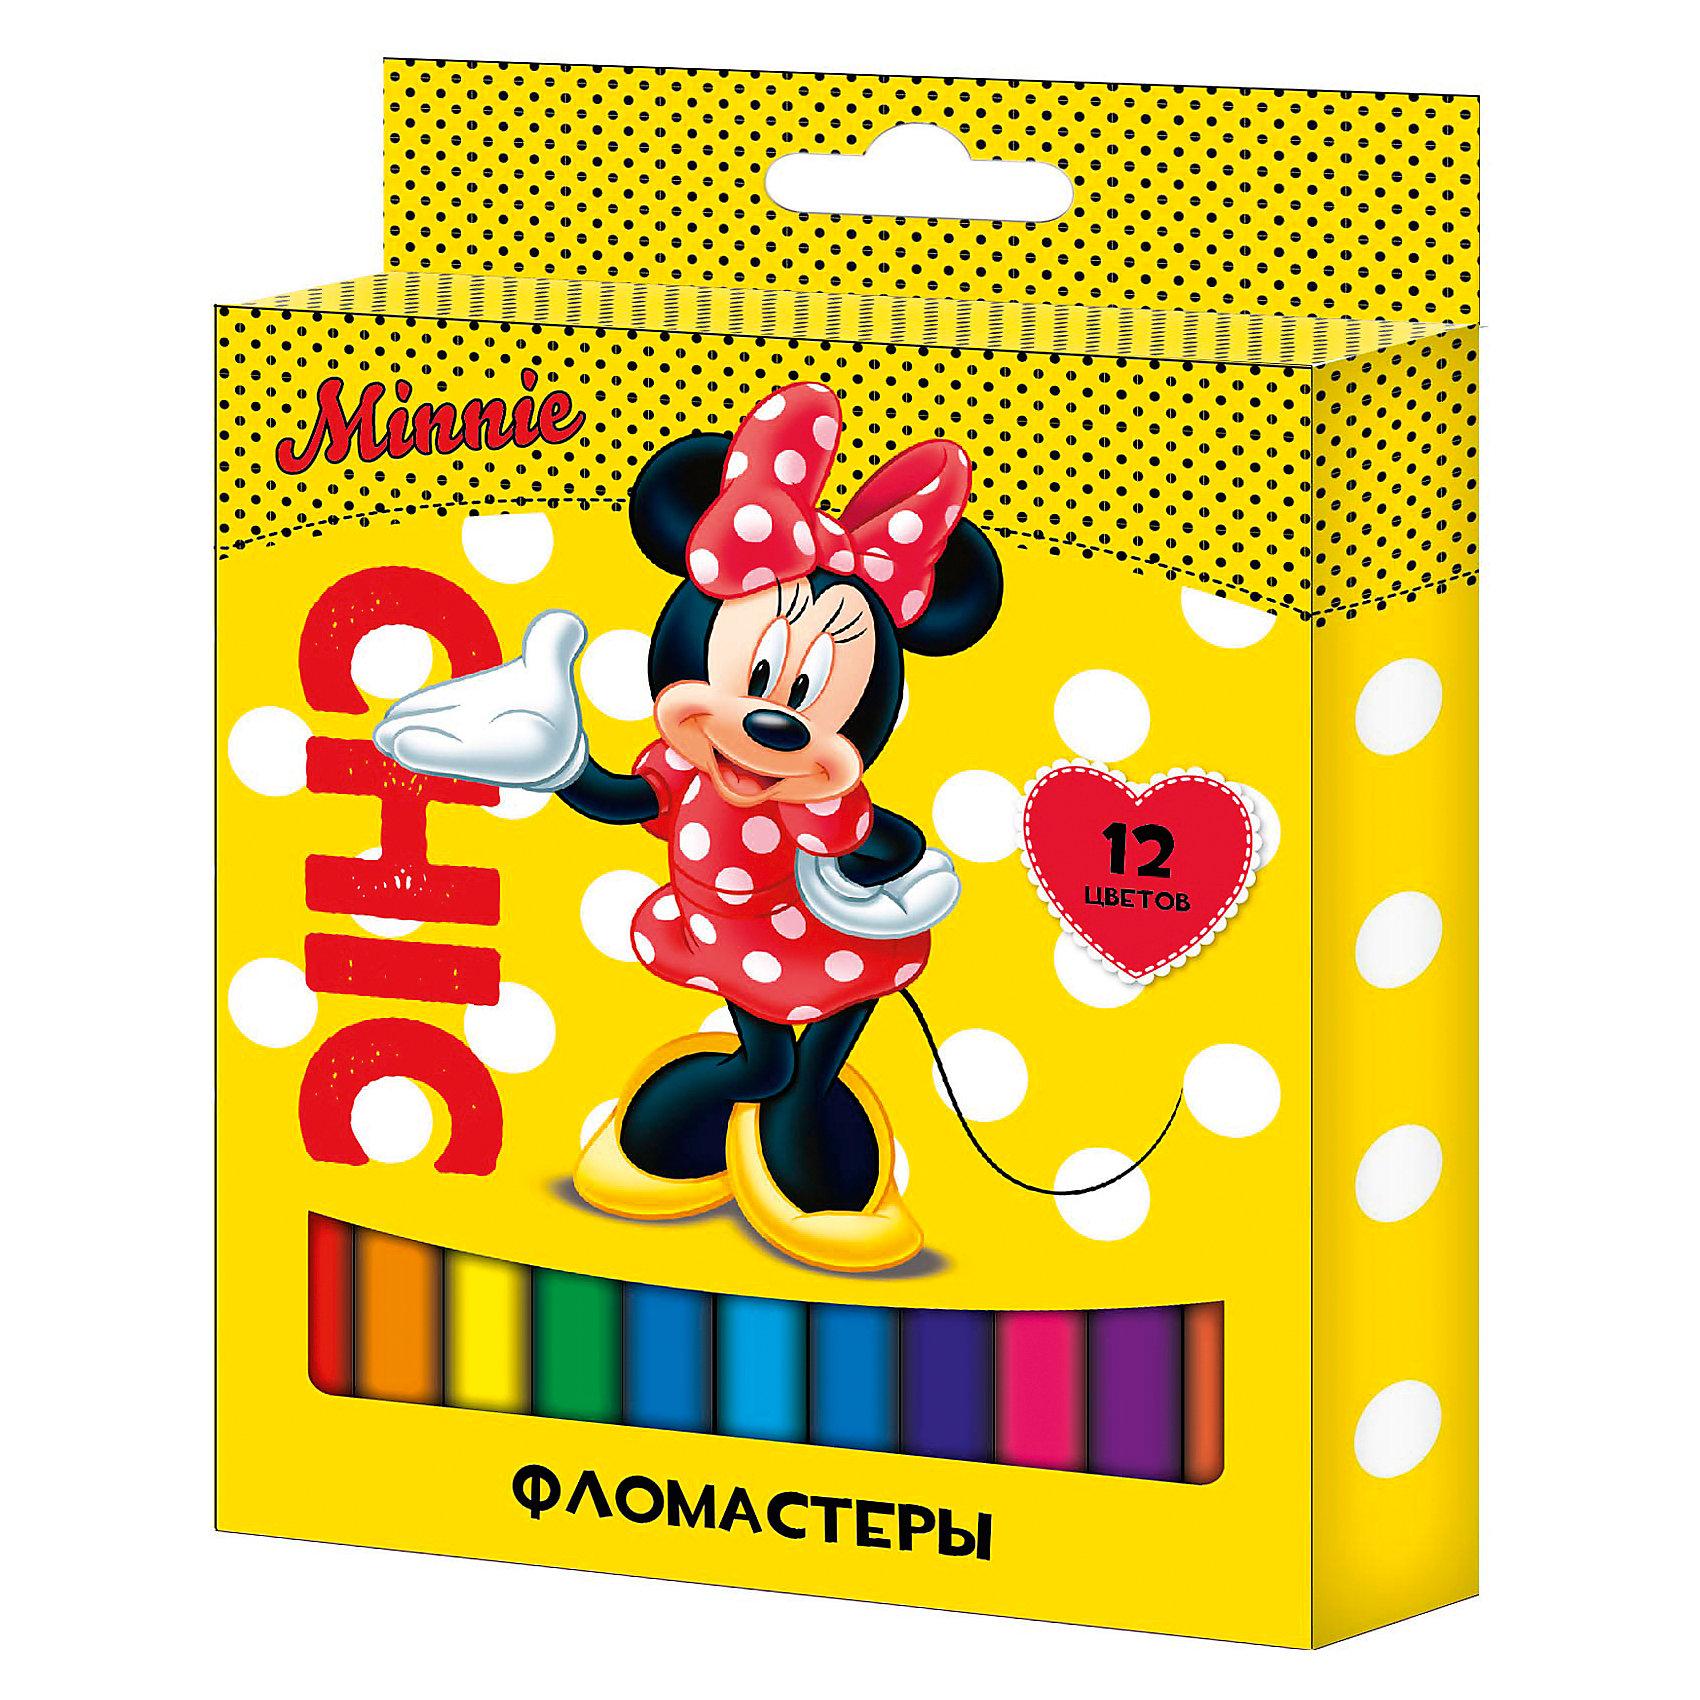 Фломастеры 12 цв., Disney FairiesПисьменные принадлежности<br>Характеристики Фломастеры 12 цв., Disney Fairies:<br><br>• возраст: от 3 лет<br>• пол: для девочек<br>• герой: Микки Маус и его друзья<br>• комплект: 12 фломастеров.<br>• состав : пластик, чернила.<br>• размер упаковки: 16 х 12 х 13 см.<br>• упаковка: картонная коробка.<br>• бренд: Росмэн<br>• страна обладатель бренда: Россия.<br><br>Фломастеры ТМ Disney Минни, идеально подходящие для рисования и раскрашивания, помогут маленькой художнице создать яркие картинки, а упаковка с любимыми героями будет долгое время радовать малышку. В набор входит 12 разноцветных фломастеров с вентилируемыми колпачками, безопасными для детей. Диаметр корпуса: 0,8 см; длина: 13,5 см. Фломастеры изготовлены из материала, обеспечивающего прочность корпуса и препятствующего испарению чернил, благодаря этому они имеют гарантированно долгий срок службы: корпус не ломается, даже если согнуть фломастер пополам. Состав: ПВХ, пластик, чернила на водной основе. Срок годности: 2 года.<br><br>Фломастеры 12 цв., Disney Fairies торговой марки Росмен можно купить в нашем интернет-магазине.<br><br>Ширина мм: 135<br>Глубина мм: 105<br>Высота мм: 100<br>Вес г: 60<br>Возраст от месяцев: 36<br>Возраст до месяцев: 2147483647<br>Пол: Женский<br>Возраст: Детский<br>SKU: 5453353